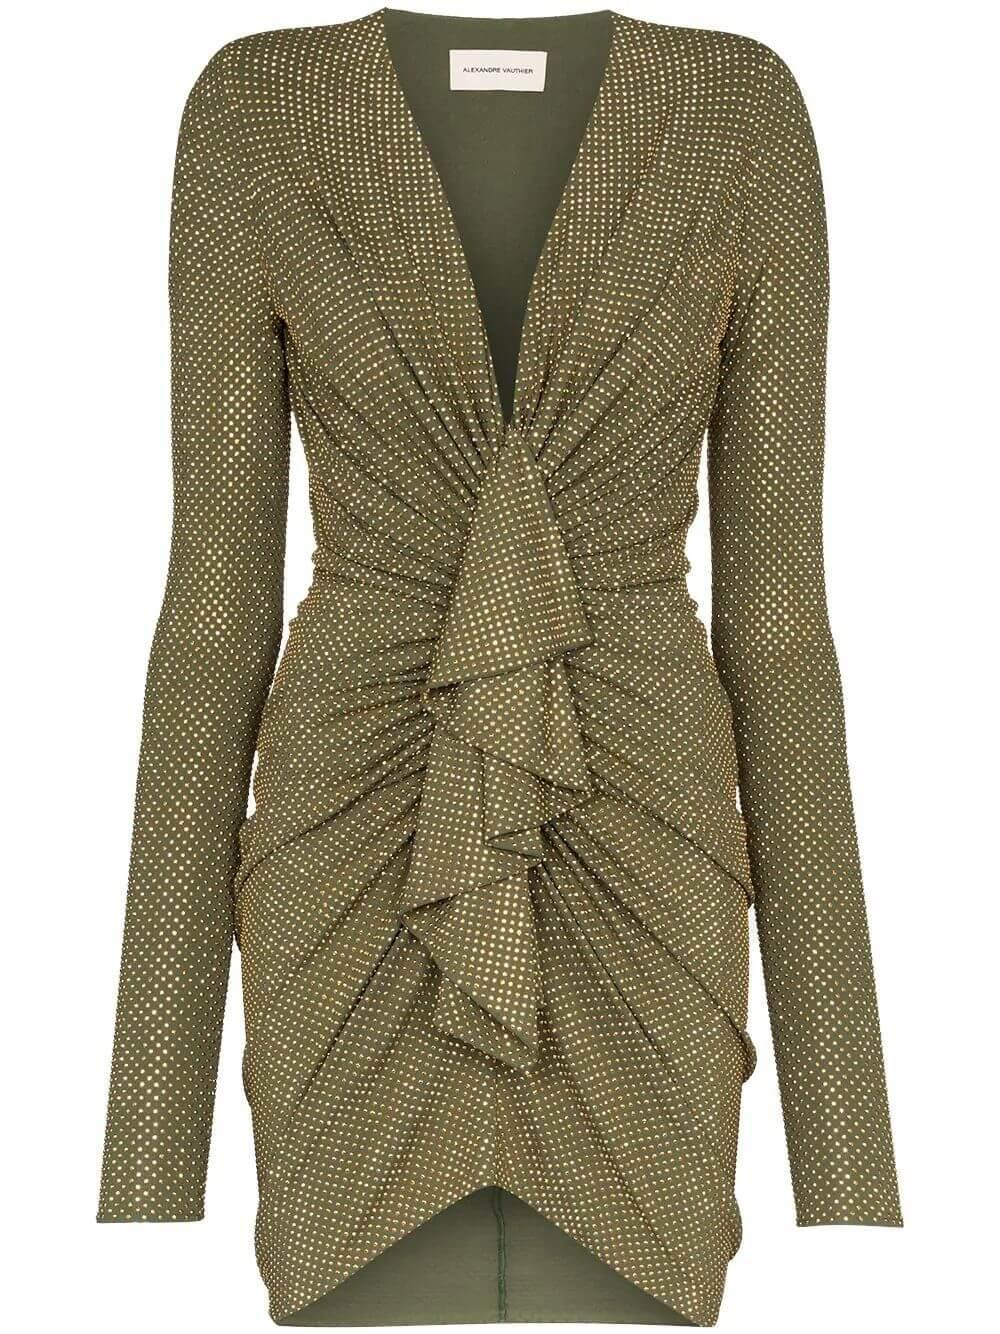 Studded V- Neck Short Dress Item # 203DR1331B